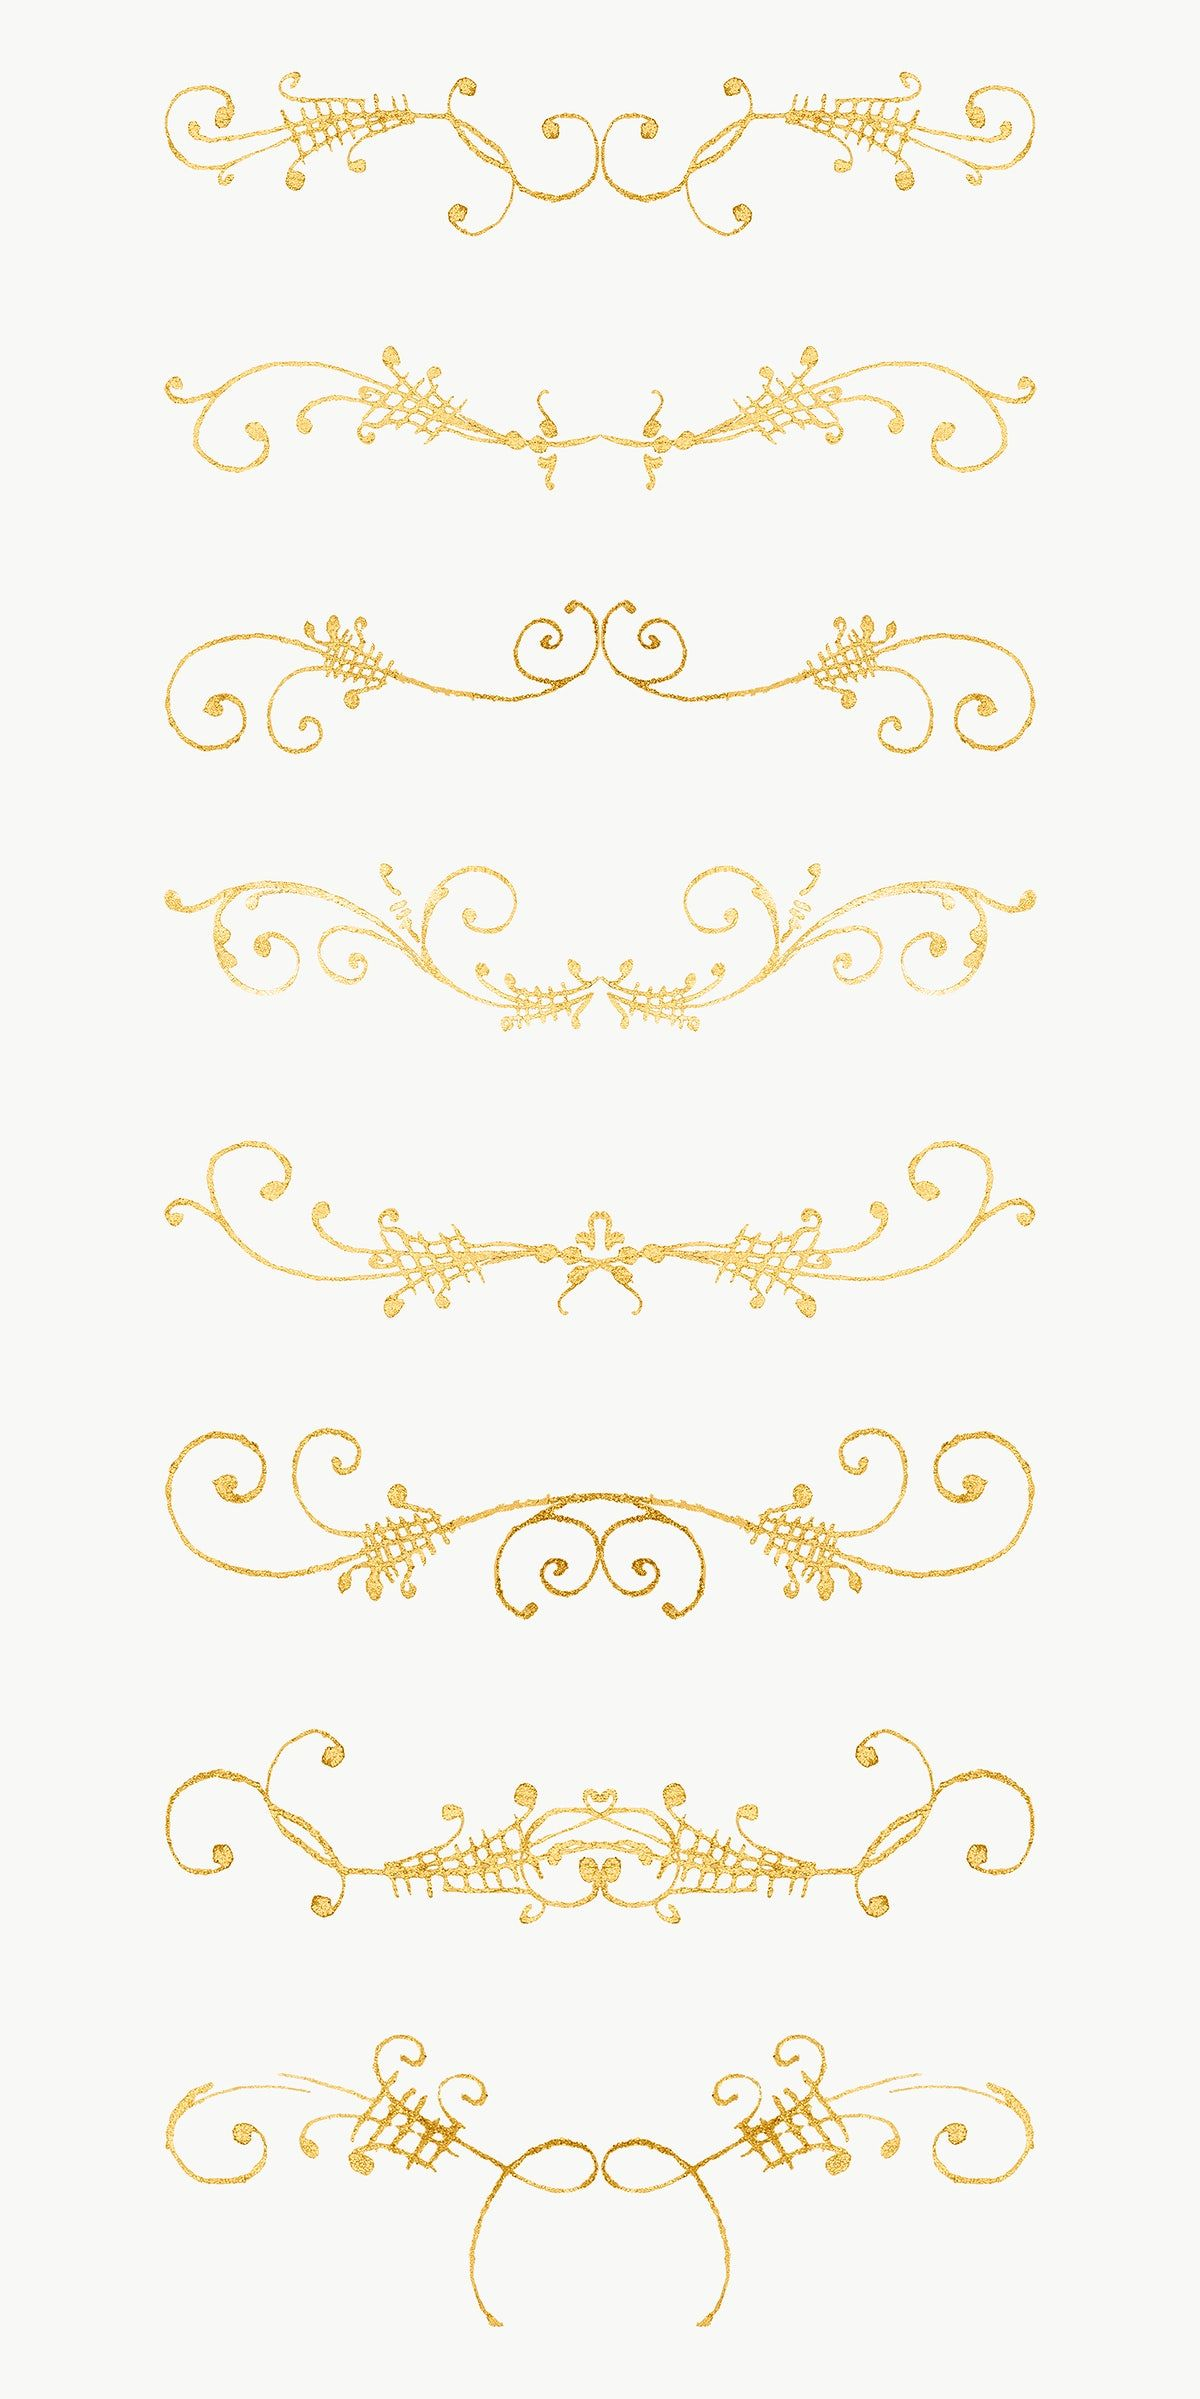 Png Gold Vintage Divider Separator Ornamental Element Set Remix From The Model Book Of Calligraphy Joris Free Illustrations Antique Artwork Image Illustration